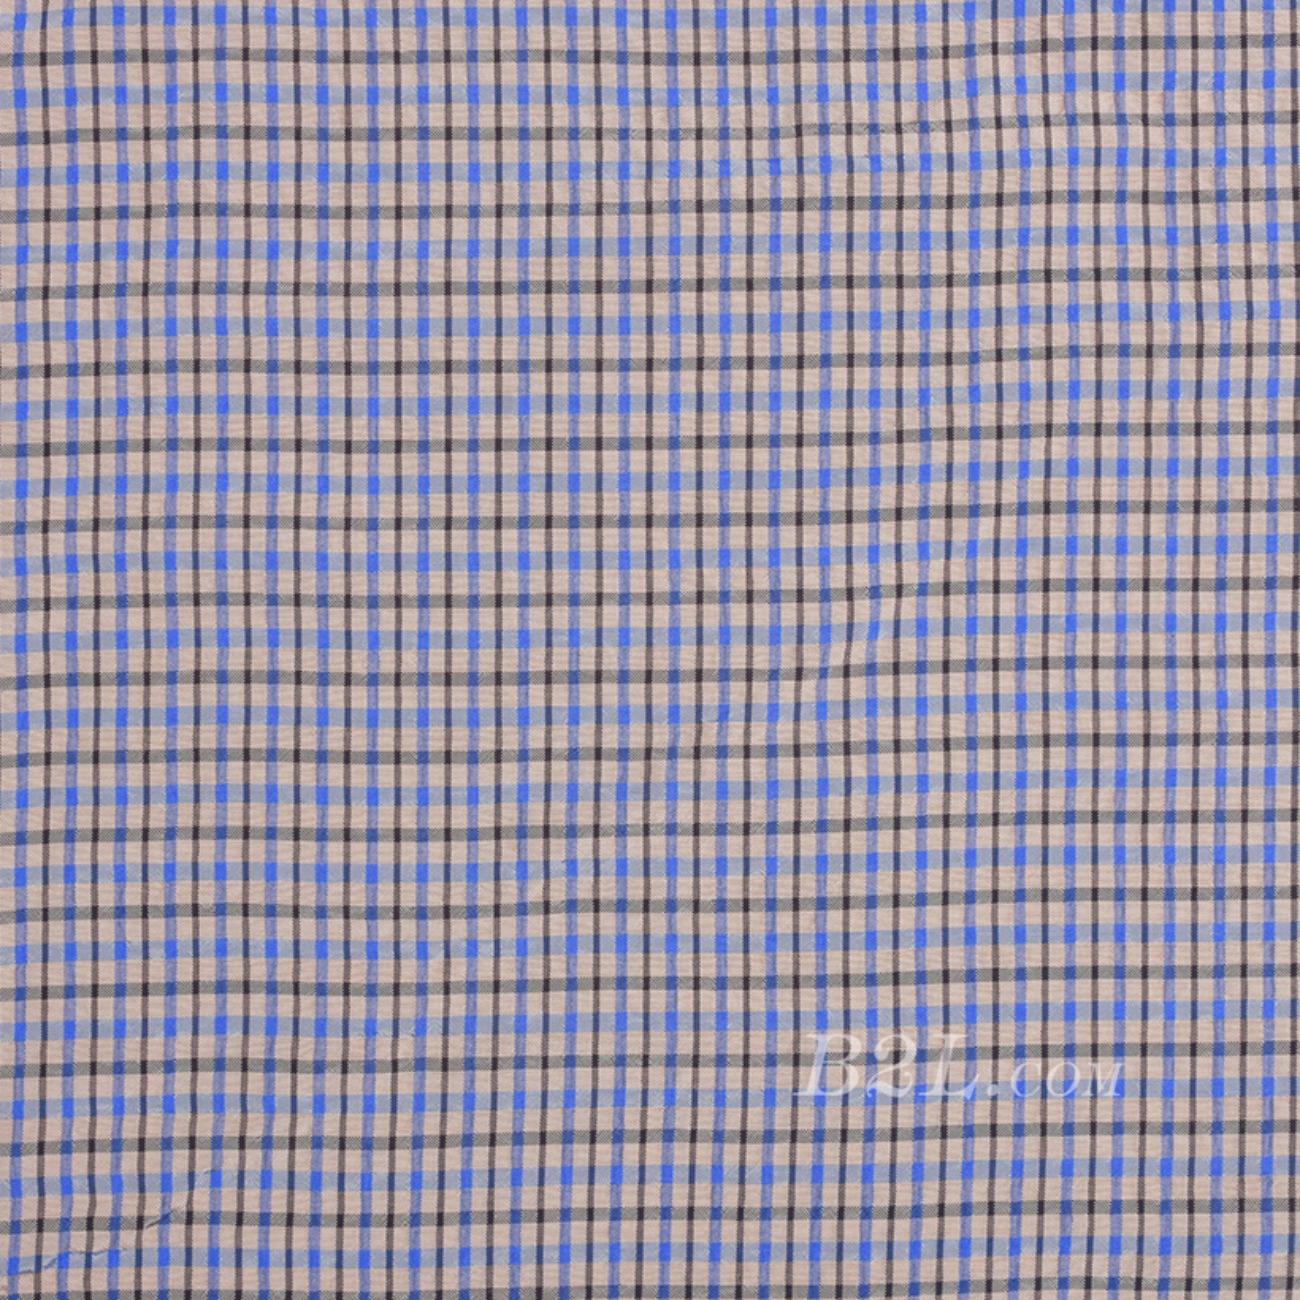 格子梭织色织低弹 春夏 衬衫 连衣裙 短裙 90115-6